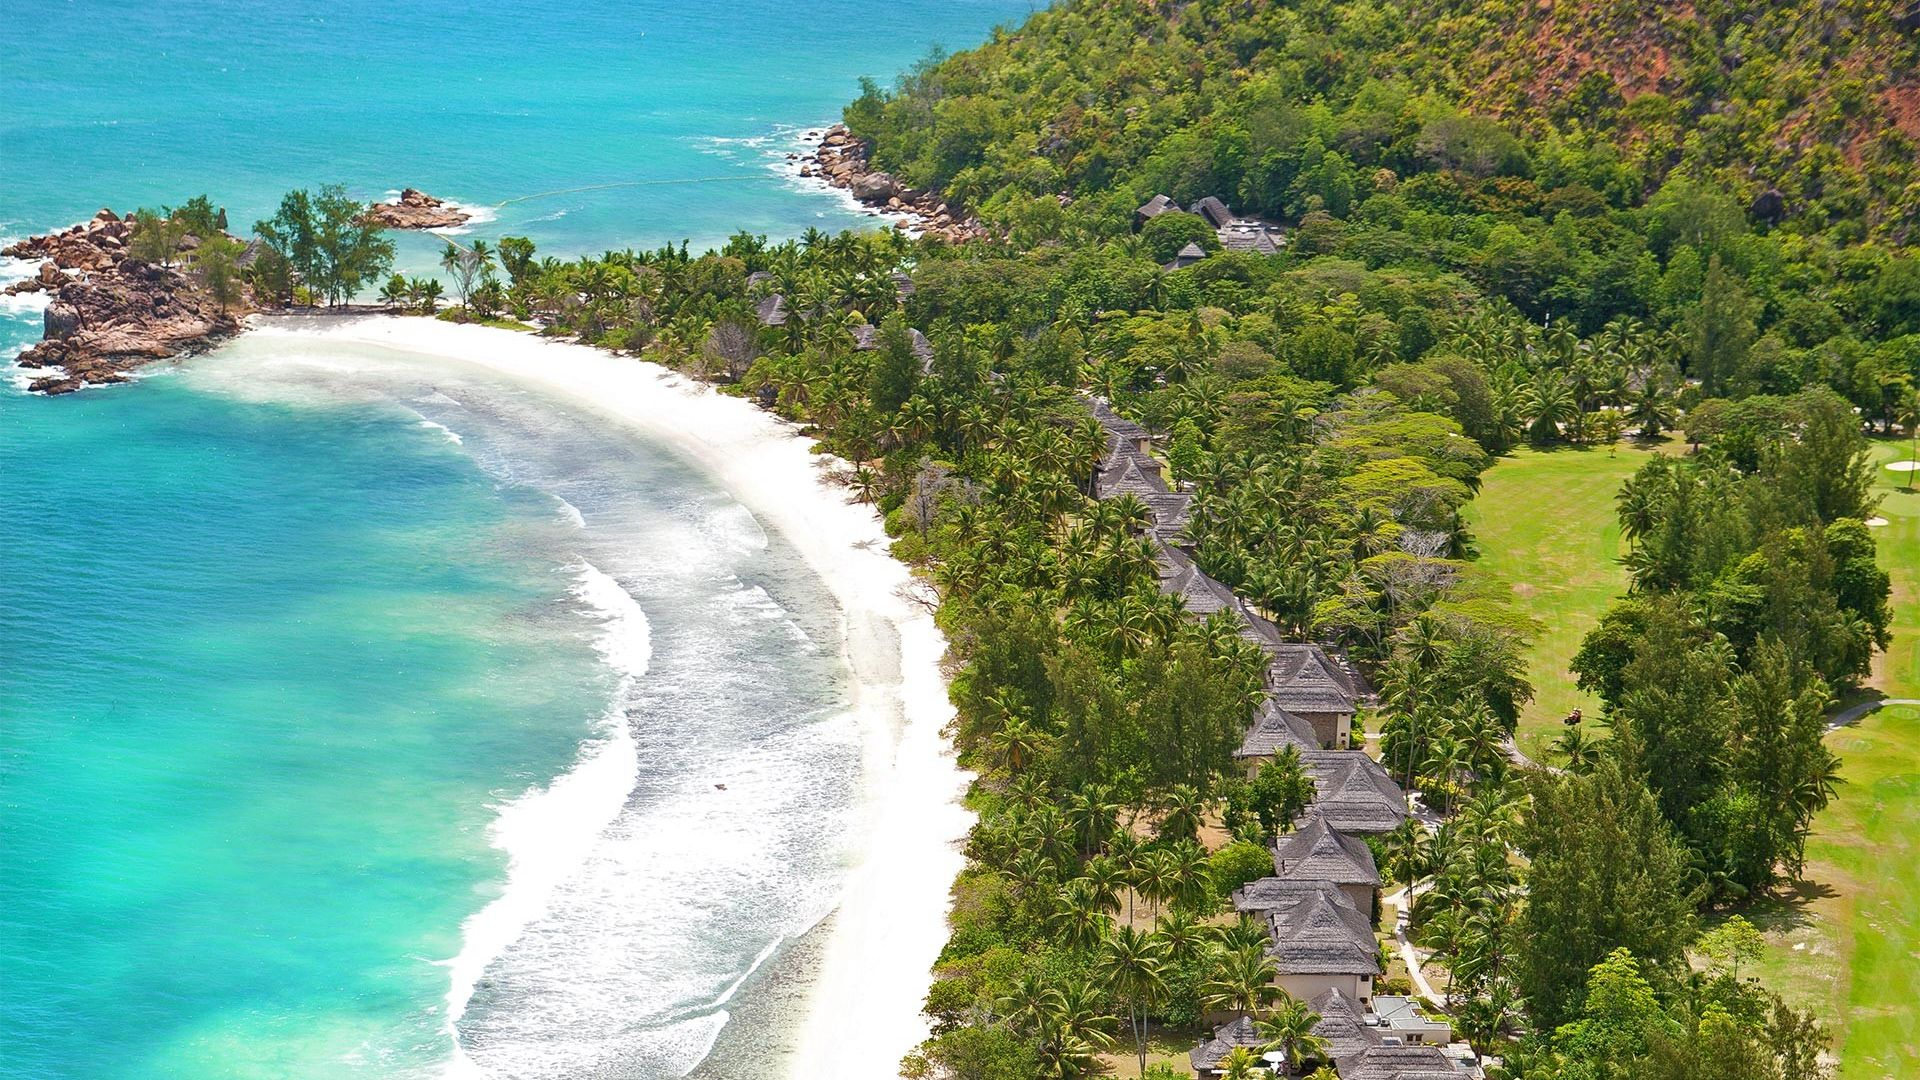 Sejur plaja Constance Ephelia & Lemuria, Seychelles, 9 zile - august 2021